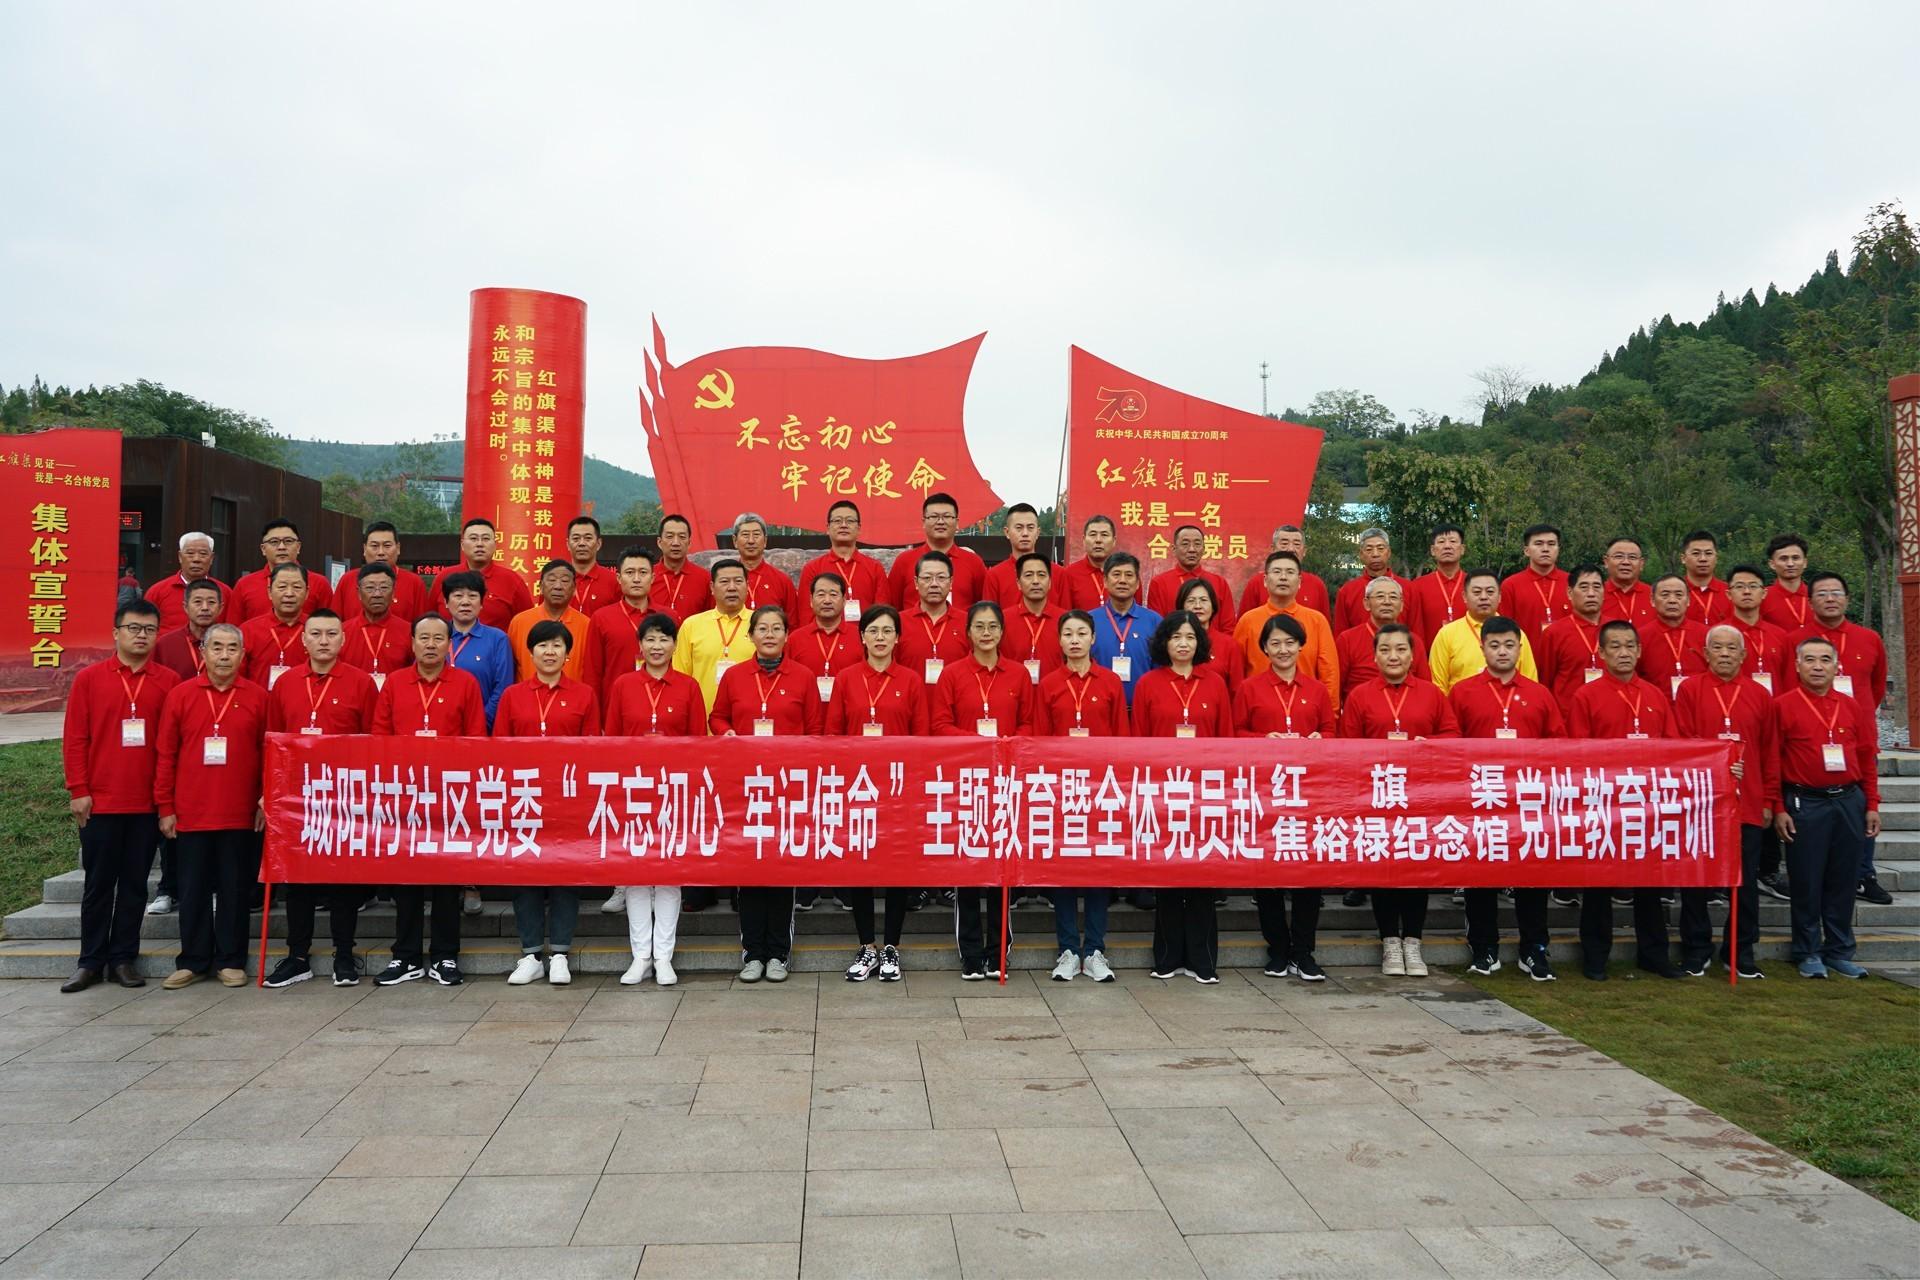 城阳村社区全体党员赴河南省红旗渠、焦裕禄纪念馆党性教育培训圆满结束